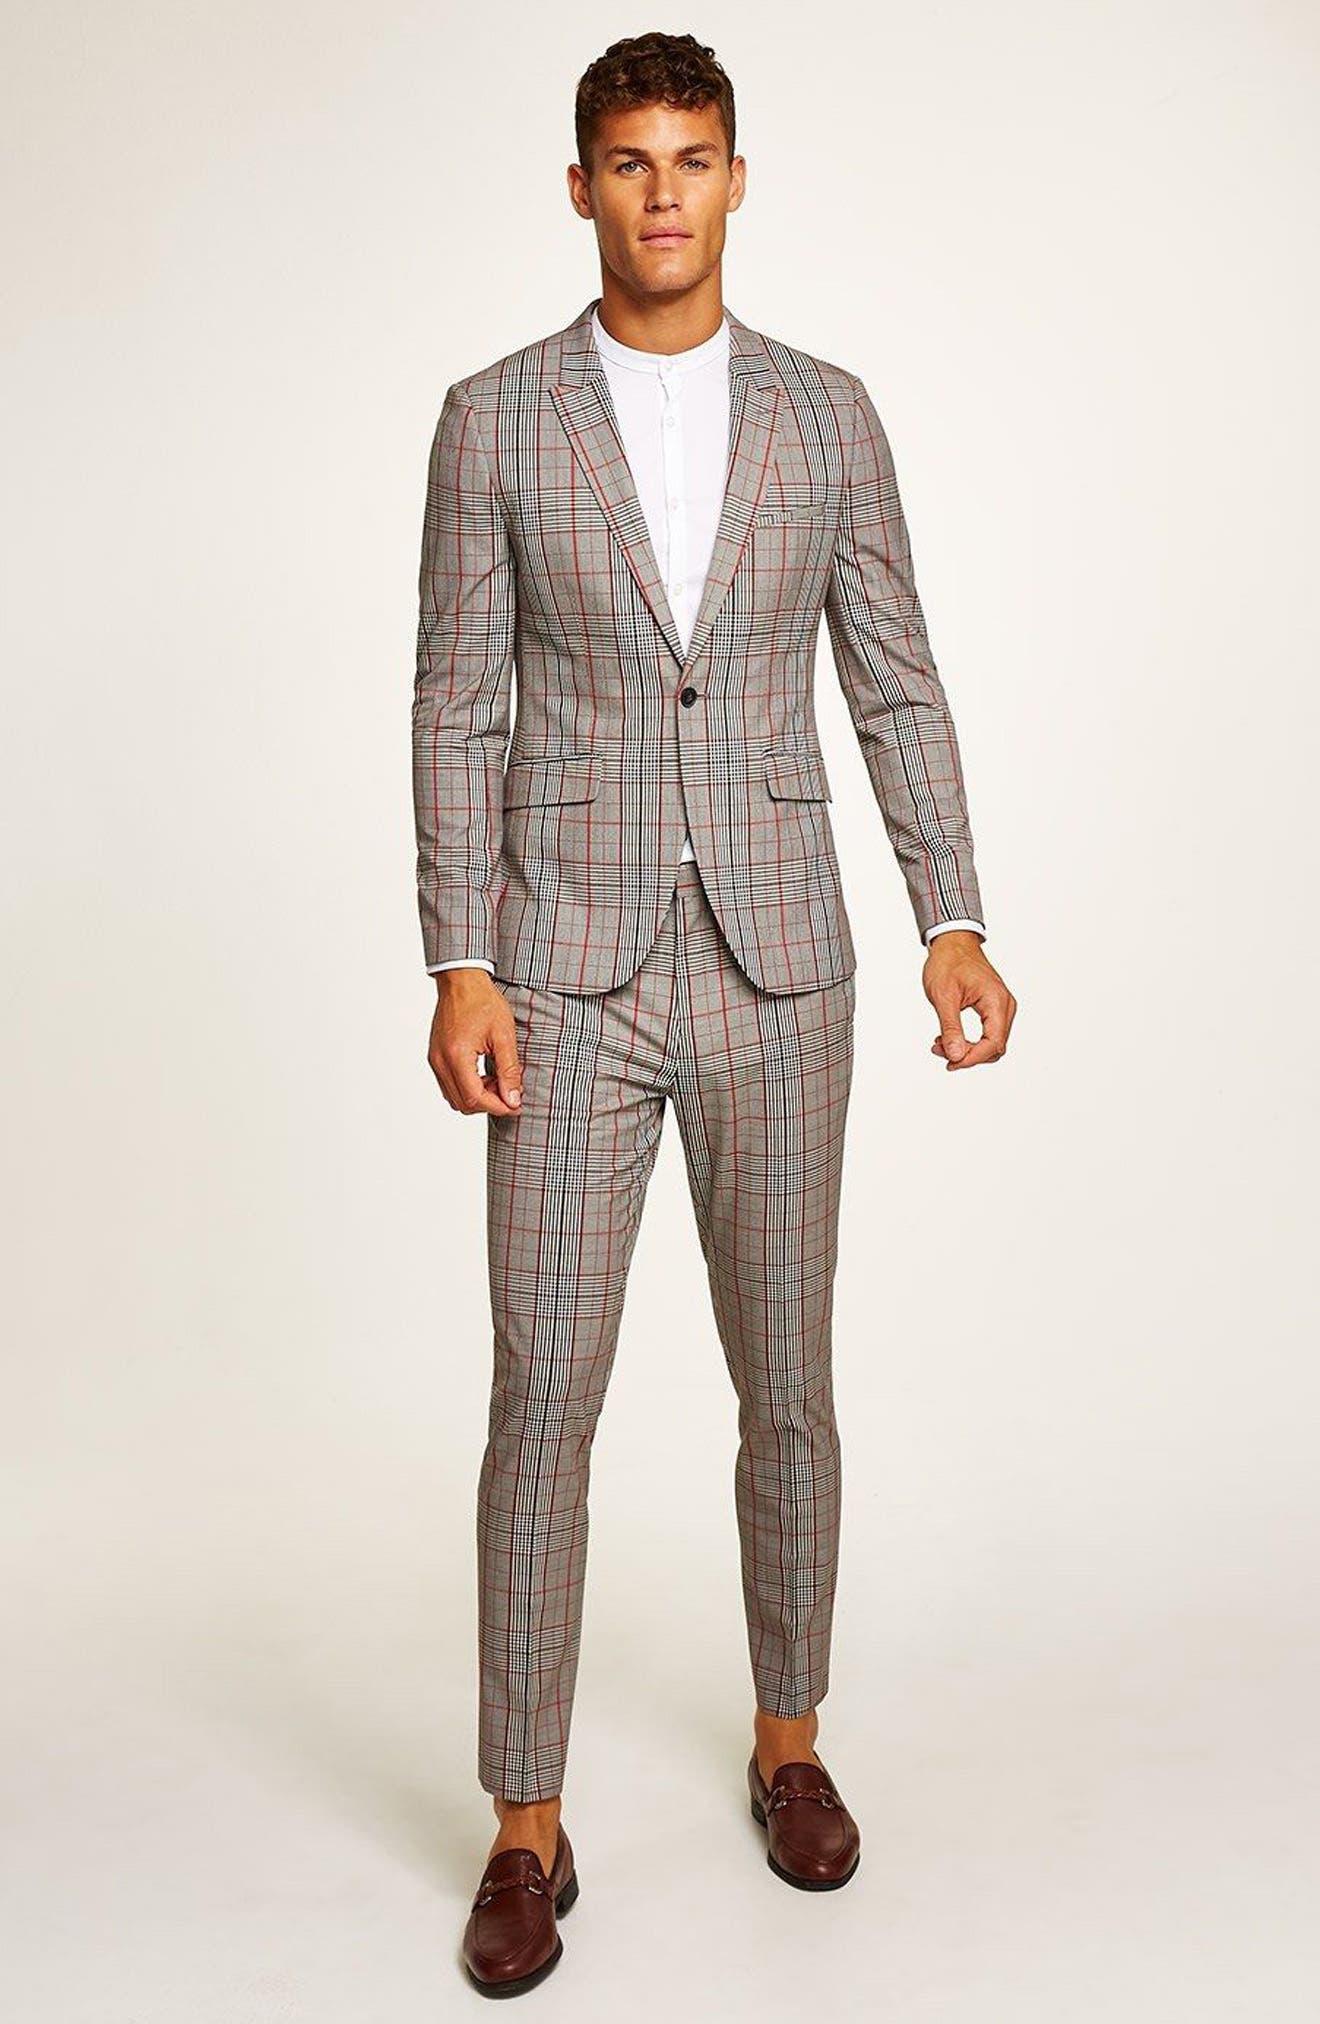 TOPMAN, Muscle Fit Check Suit Jacket, Alternate thumbnail 5, color, 020